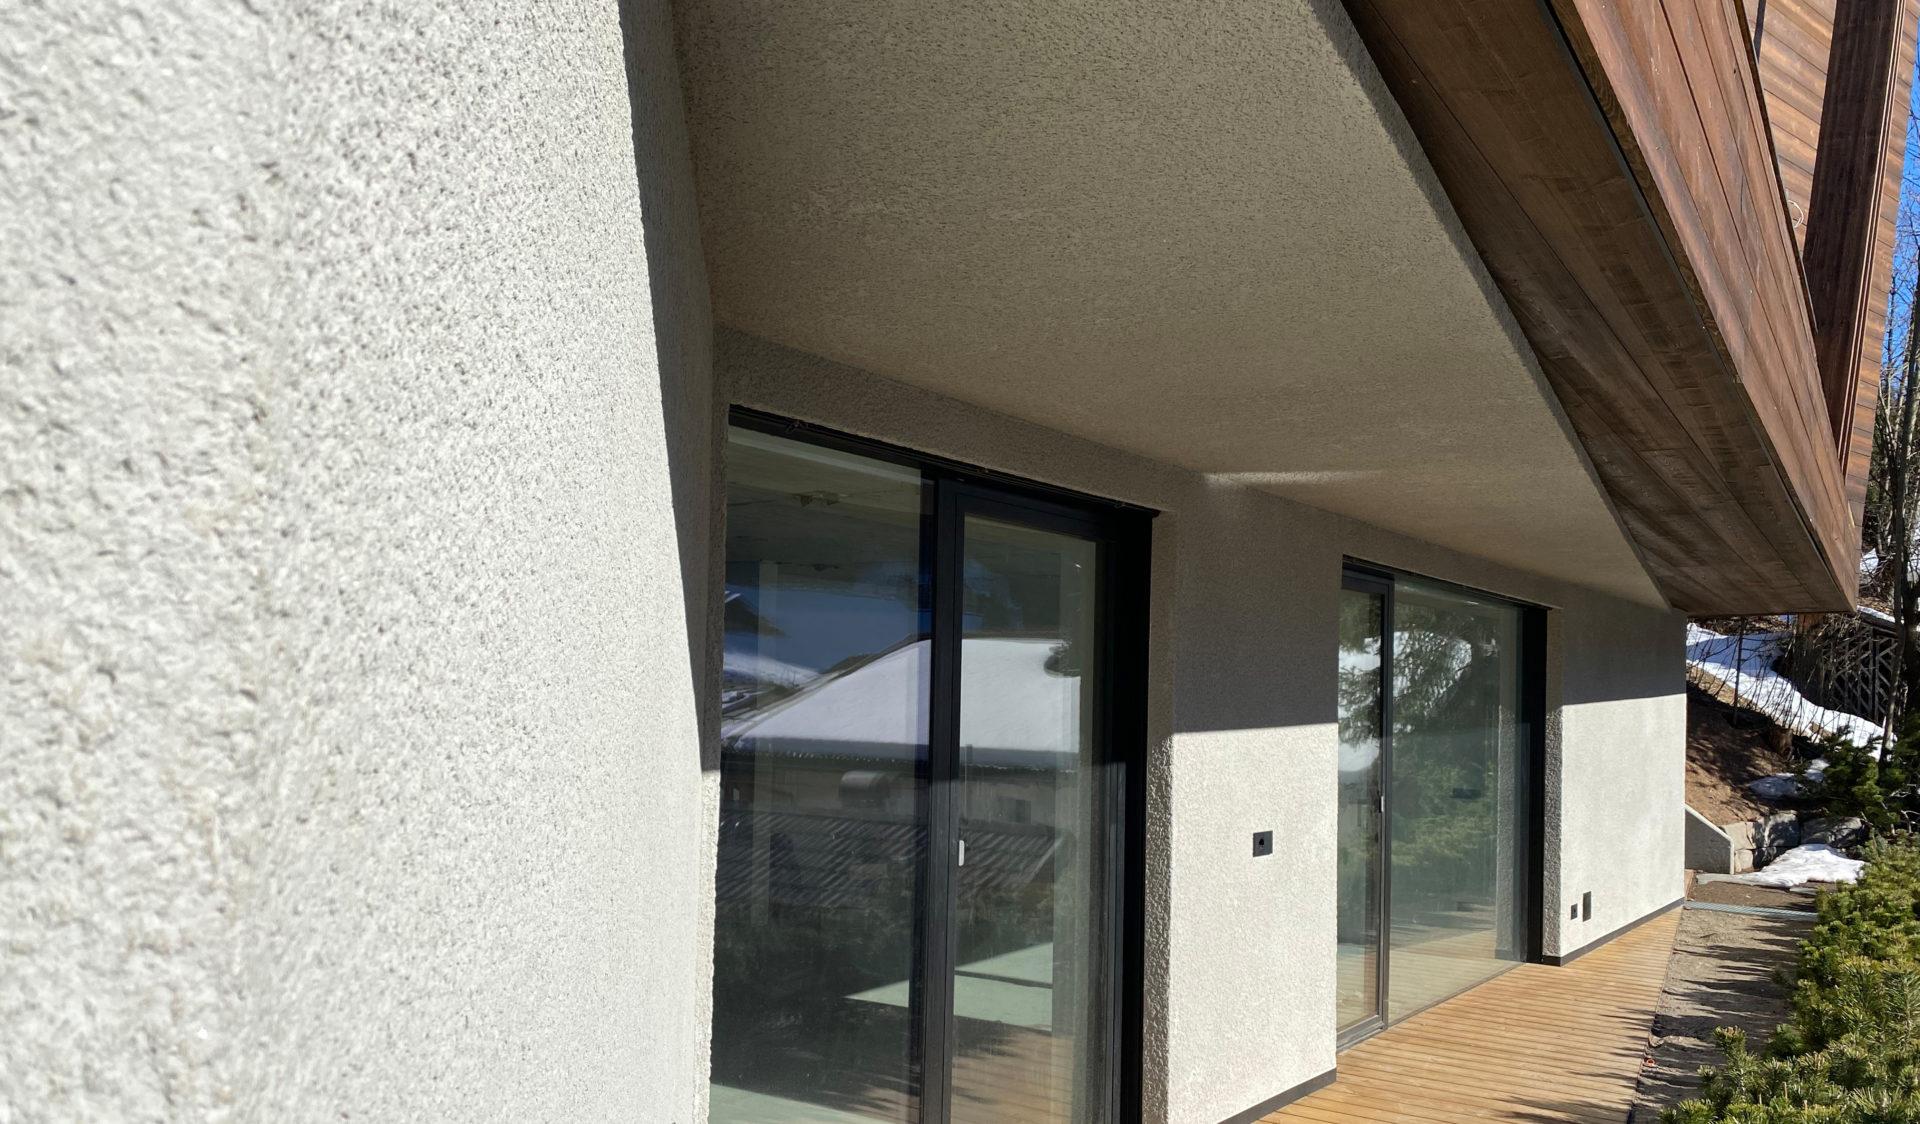 Wohnbau in Gröden, Baufirma Schweigkofler aus Südtirol